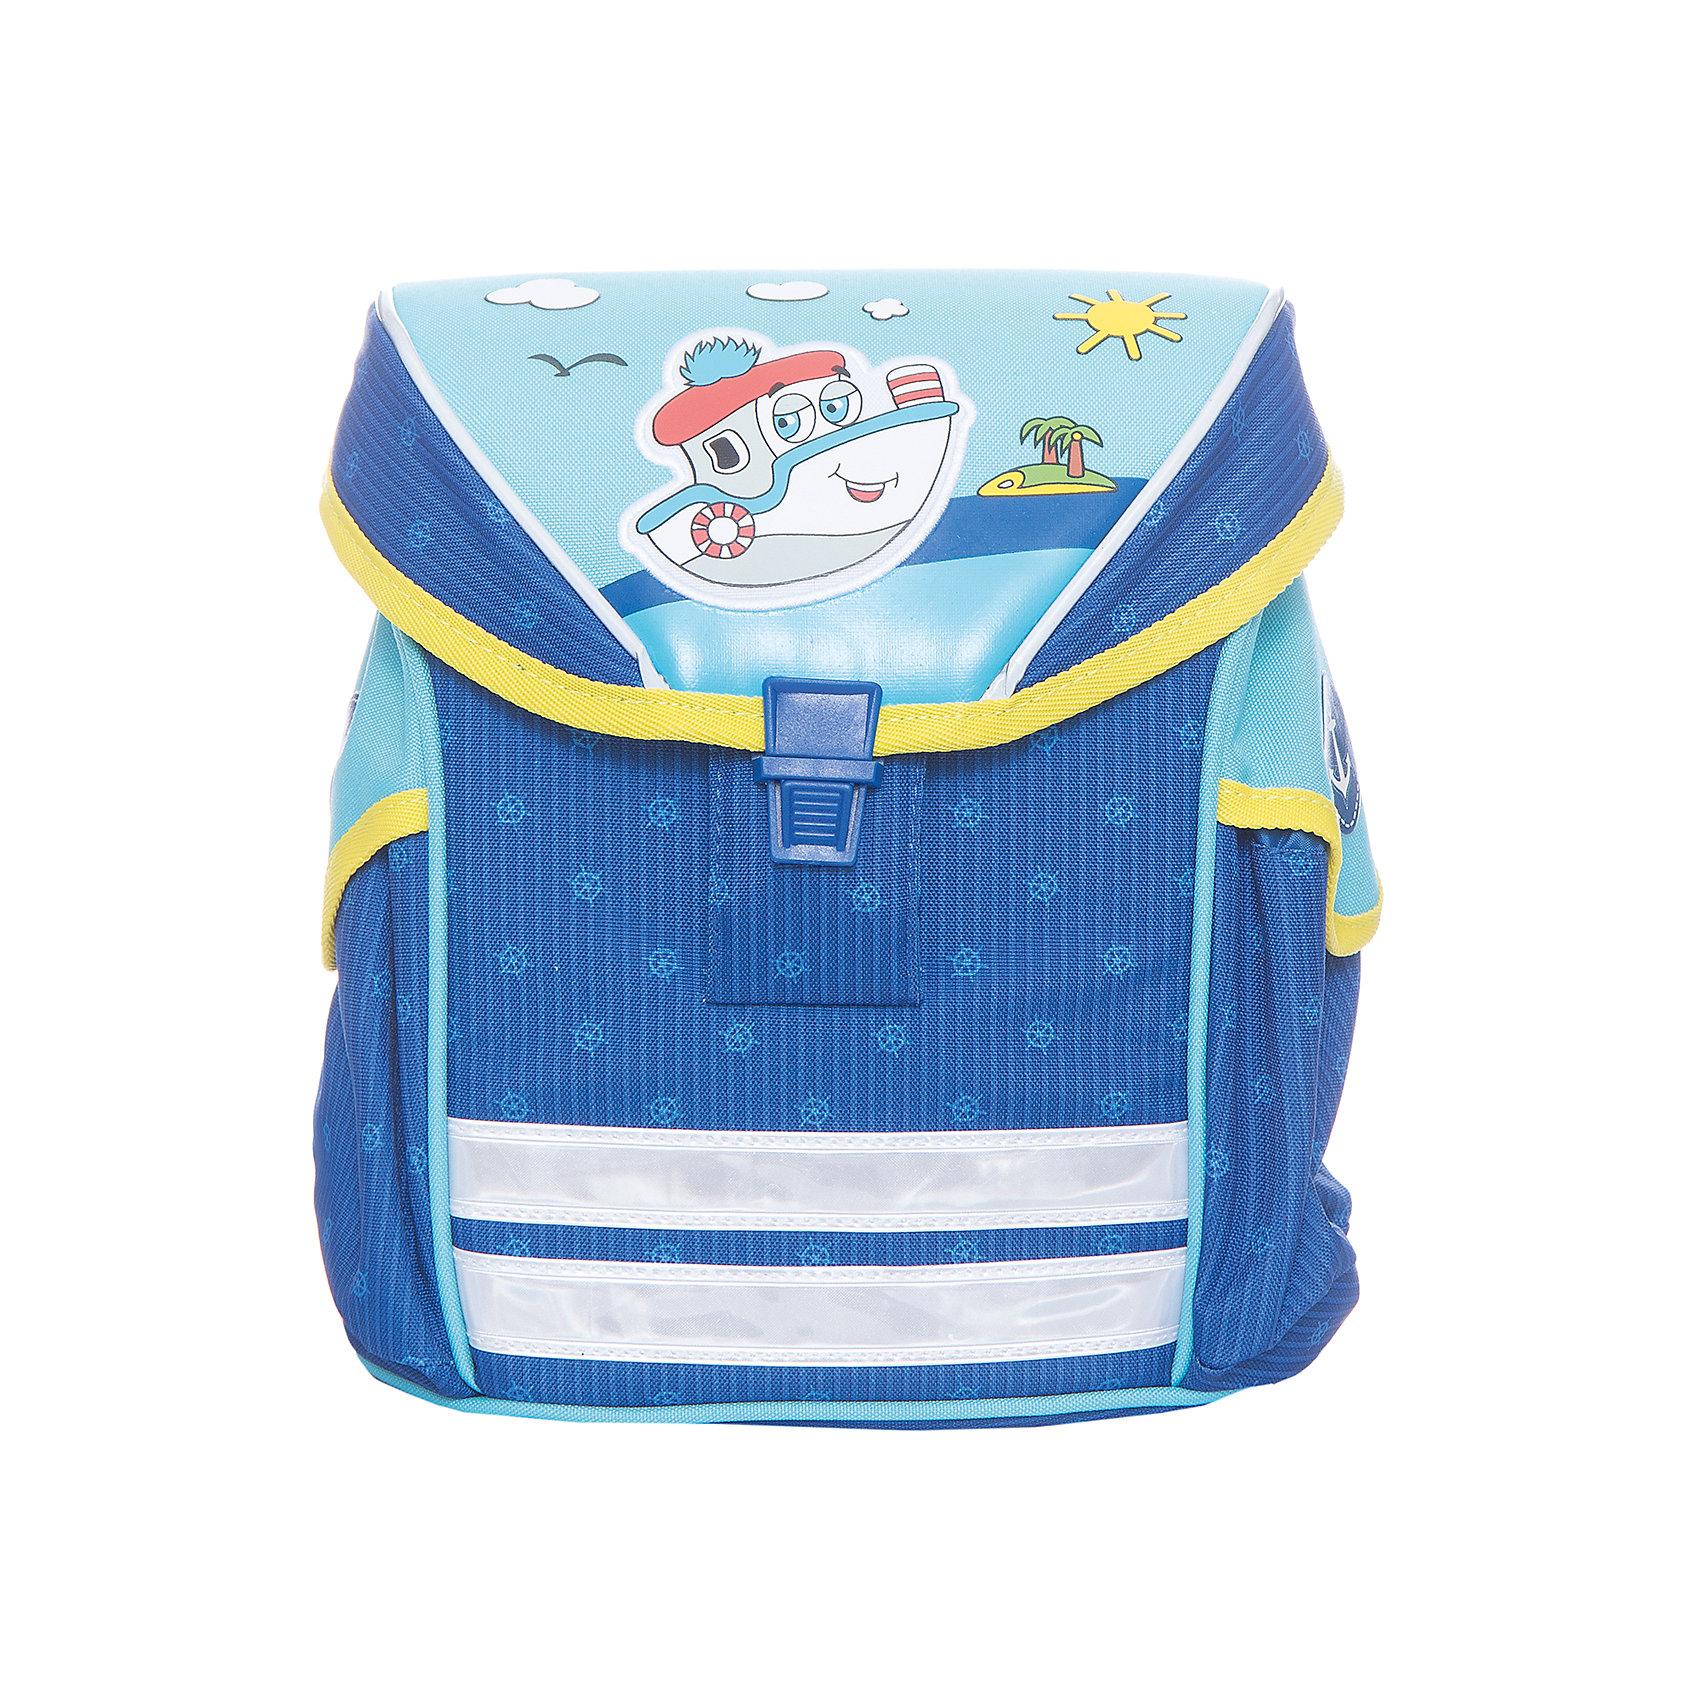 Дошкольный рюкзак Кораблик, модель Funny Ergo, ErichKrauseДетские рюкзаки<br>Характеристики товара:<br><br>• цвет: голубой<br>• материал: текстиль, полиэстер, пластик<br>• возраст: от 3 лет<br>• без наполнения<br>• жесткая вставка в спинке обеспечивает комфортную носку и правильное положение позвоночника;<br>• широкие лямки гарантируют удобную посадку и не натирают плечи;<br>• крышка откидывается полностью, облегчая доступ к содержимому;<br>• пластиковый надежный замок;<br>• лямки регулируются под рост ребенка или одетого в теплую одежду;<br>• просторное внутреннее отделение с небольшим кармашком для мелочей, ключей или телефона;<br>• по бокам 2 больших кармана для бутылочки с водой;<br>• светоотражающие полосы на передней части для видимости в темное время суток<br>• вес: 330 г<br>• размер рюкзака: 25х19х11<br>• страна производитель: Китай<br><br>Модный и вместительный рюкзак – необходимая обновка для нового школьного сезона. Прочная и качественная модель отлично подойдет, чтобы поместить все учебники и тетради. У модели специальная вставка на спине, снижающая нагрузку на позвоночник. Материалы, использованные при изготовлении товаров, проходят проверку на качество и соответствие международным требованиям по безопасности.<br><br>Мини-ранец Кораблик модель Funny Ergo, Artberry можно купить в нашем интернет-магазине.<br><br>Ширина мм: 230<br>Глубина мм: 100<br>Высота мм: 250<br>Вес г: 476<br>Возраст от месяцев: 36<br>Возраст до месяцев: 2147483647<br>Пол: Мужской<br>Возраст: Детский<br>SKU: 5409371